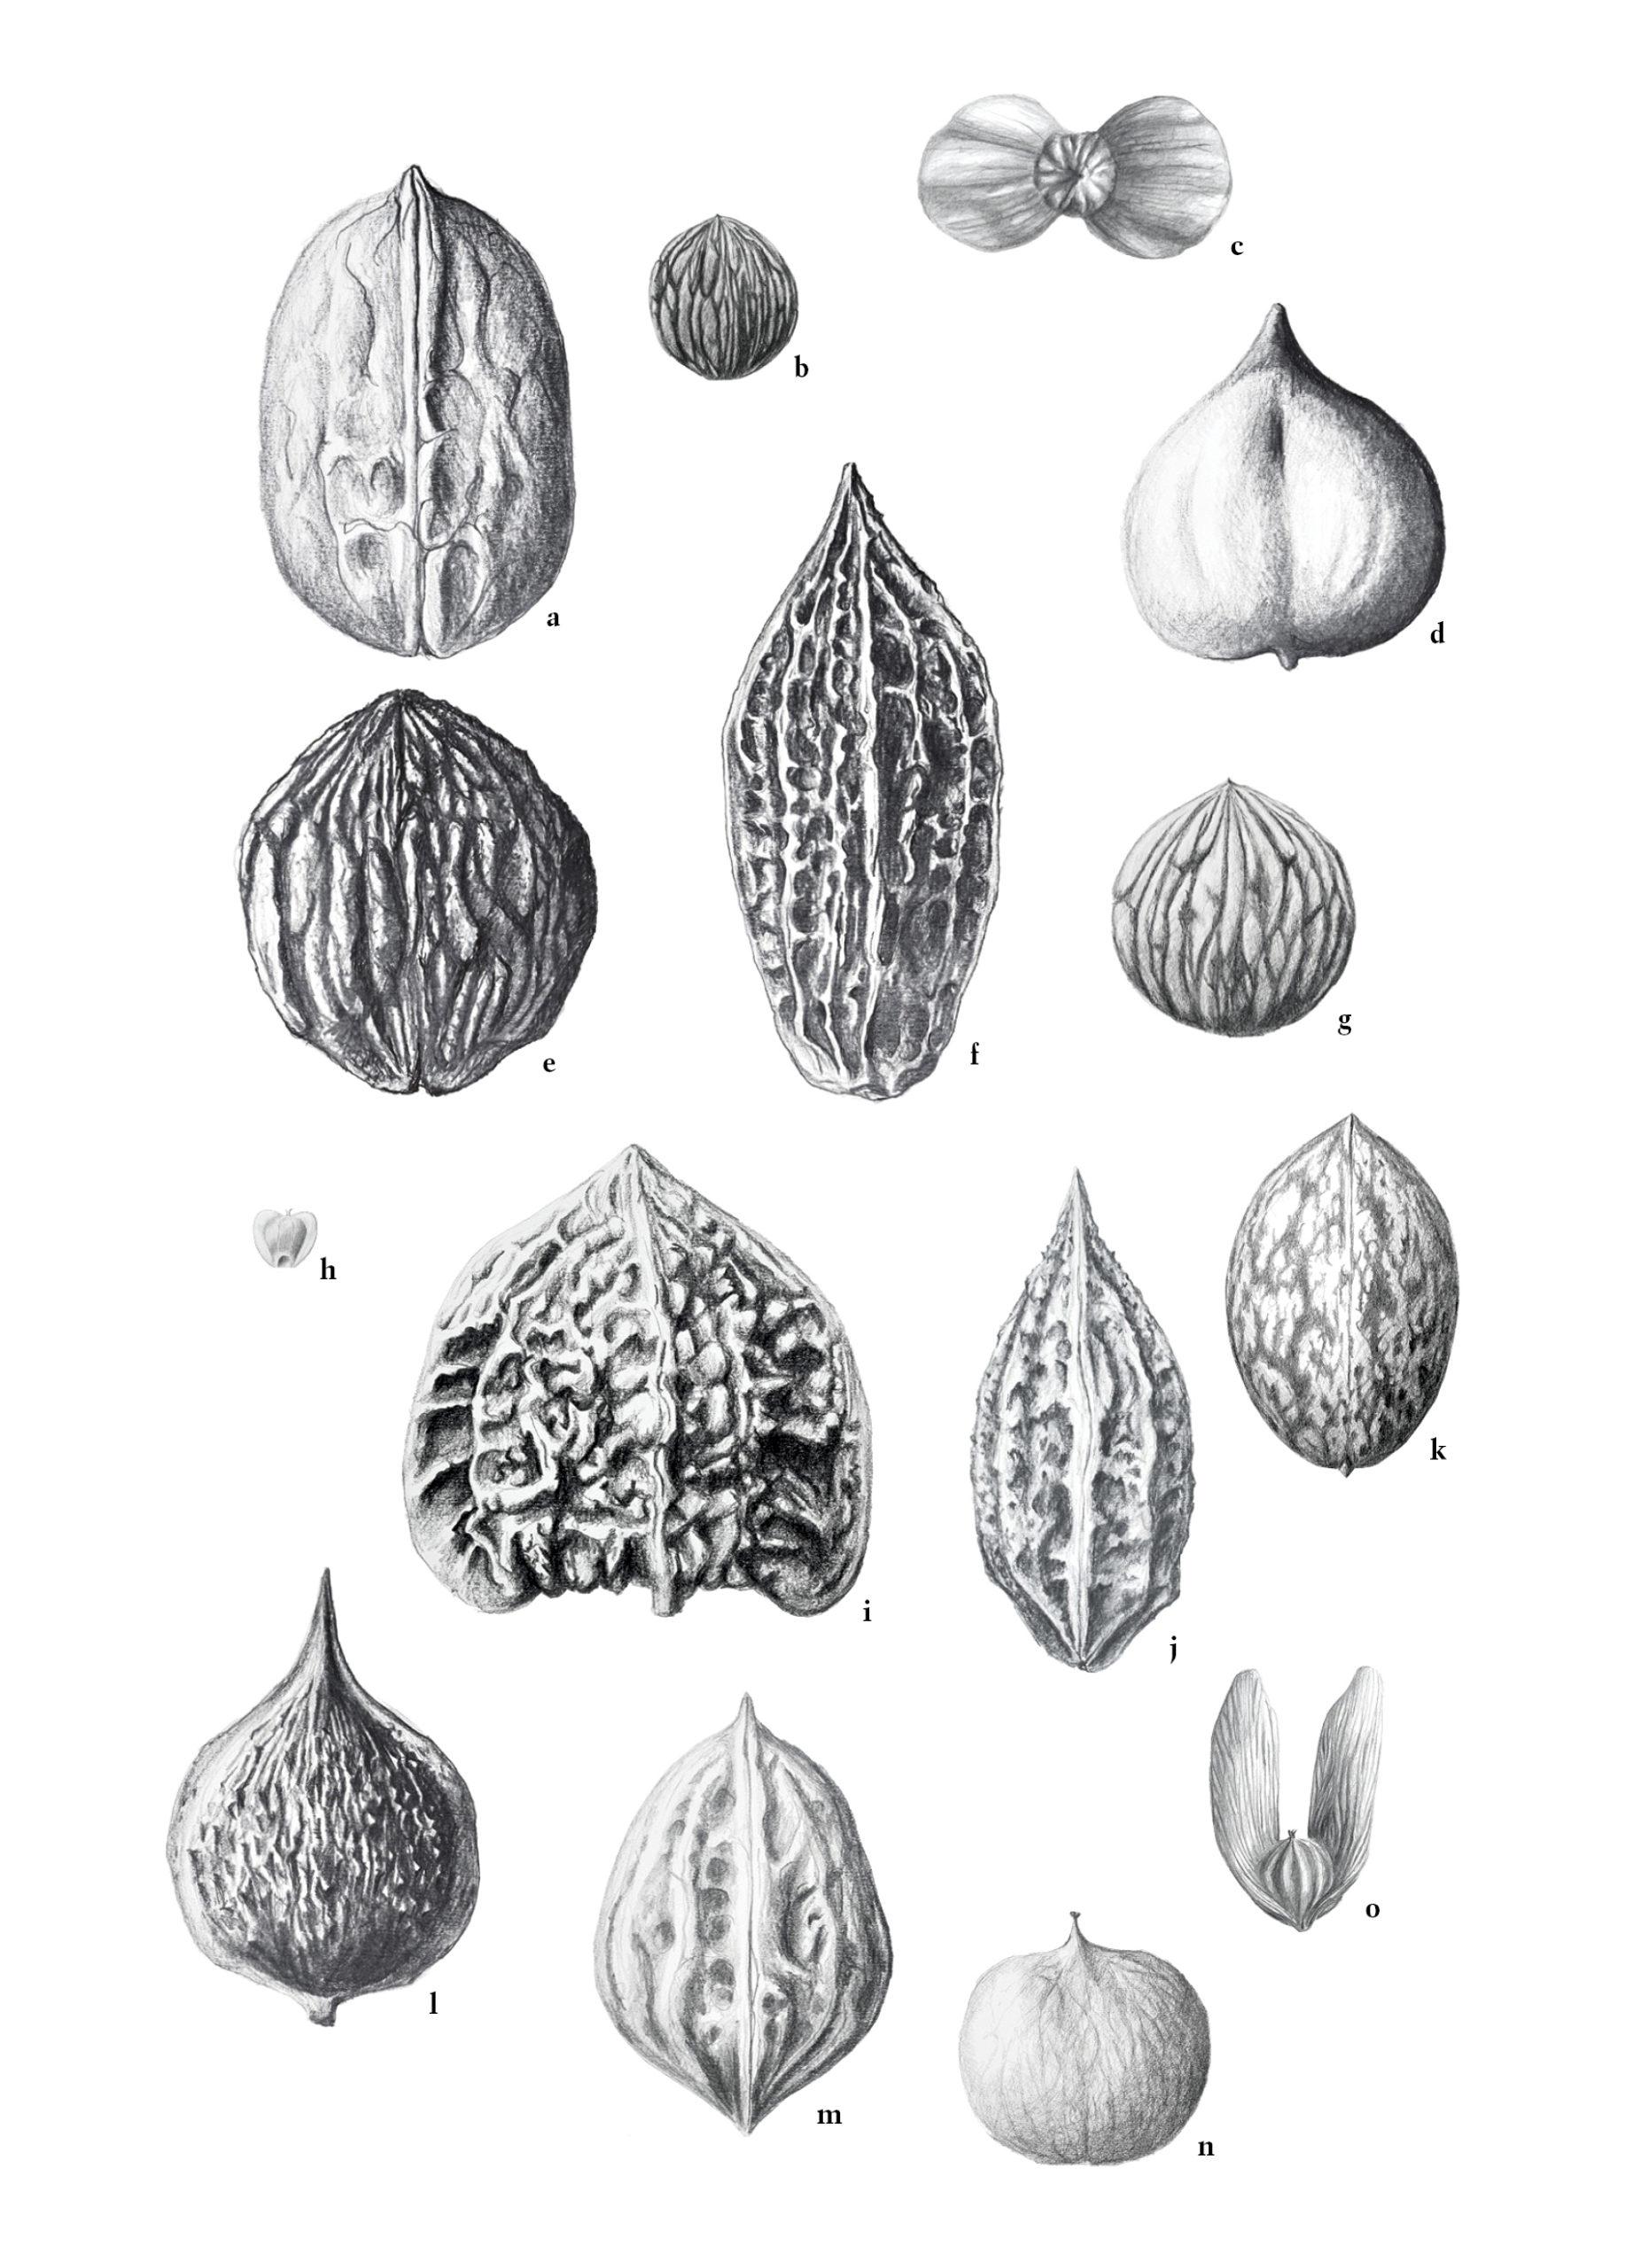 Handdrawn illustrations of walnut-family fruits